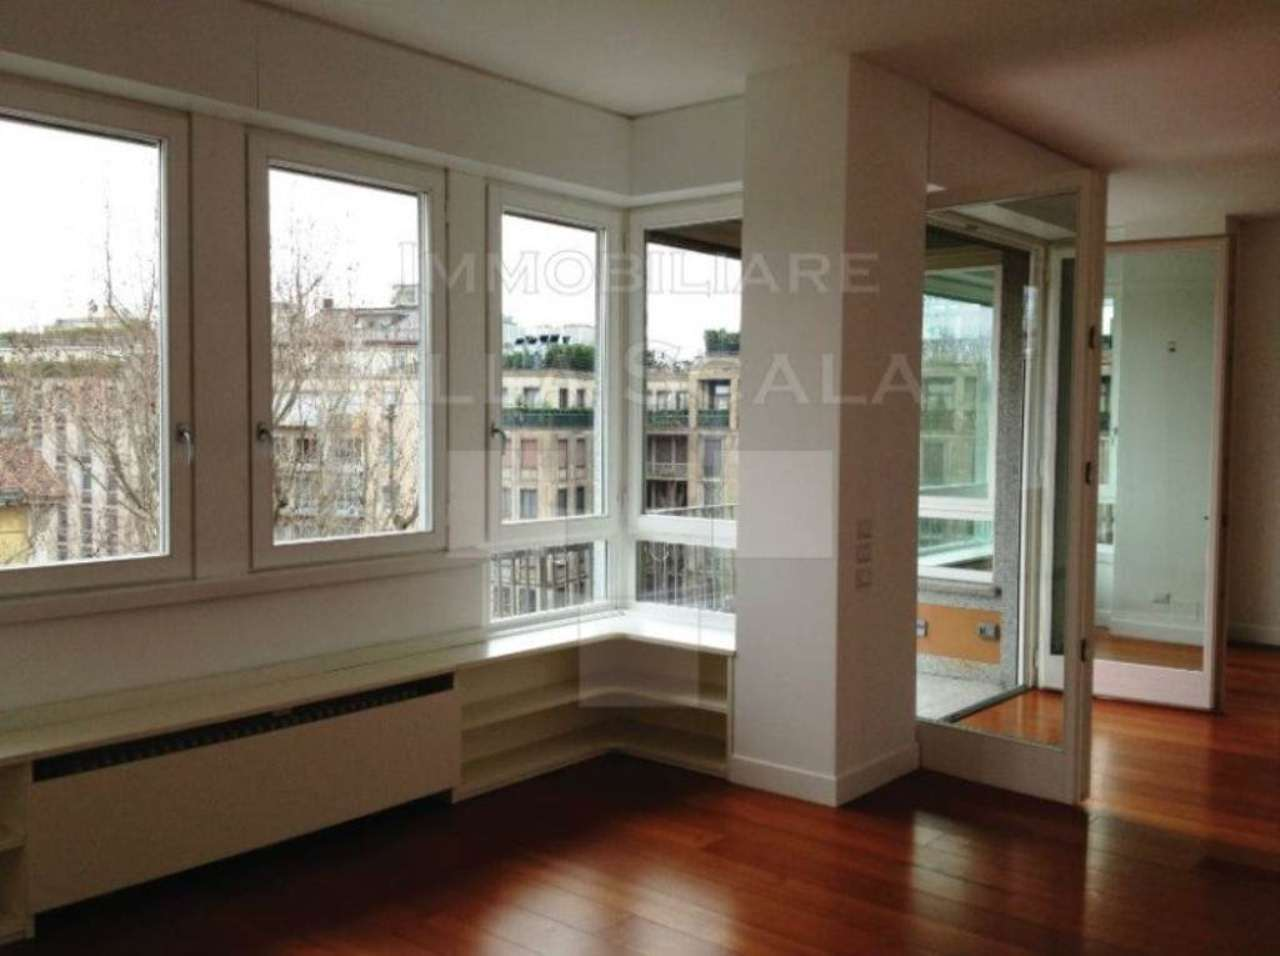 Affitto Appartamenti Palermo Privati